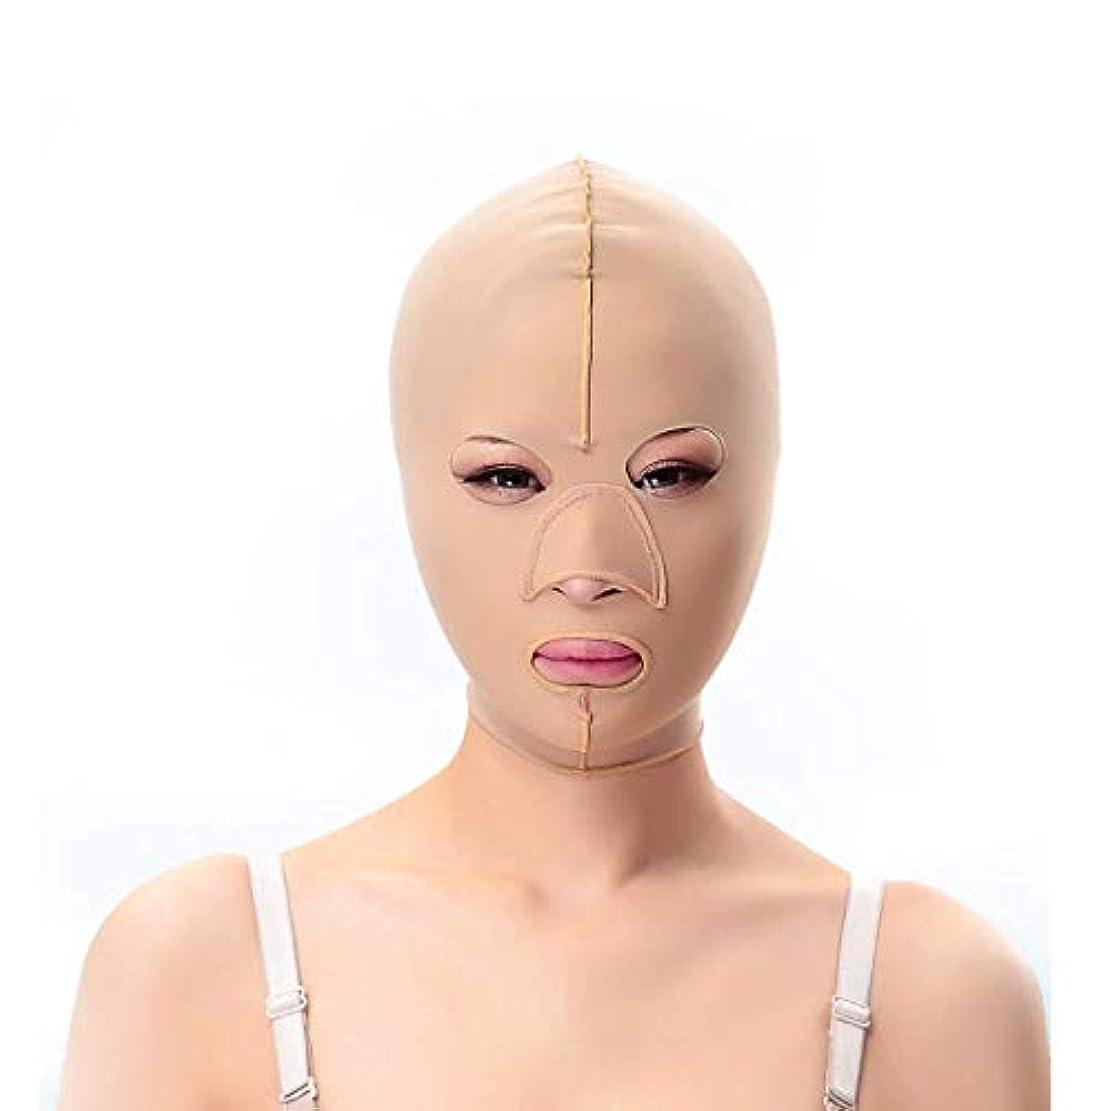 発行する再生可能動機付けるスリミングベルト、二重あごの引き締め顔のプラスチックフェイスアーティファクト強力なフェイス包帯を脇に持ち上げるパターンを欺くためのフェイシャルマスクシンフェイスマスク(サイズ:L),Xl